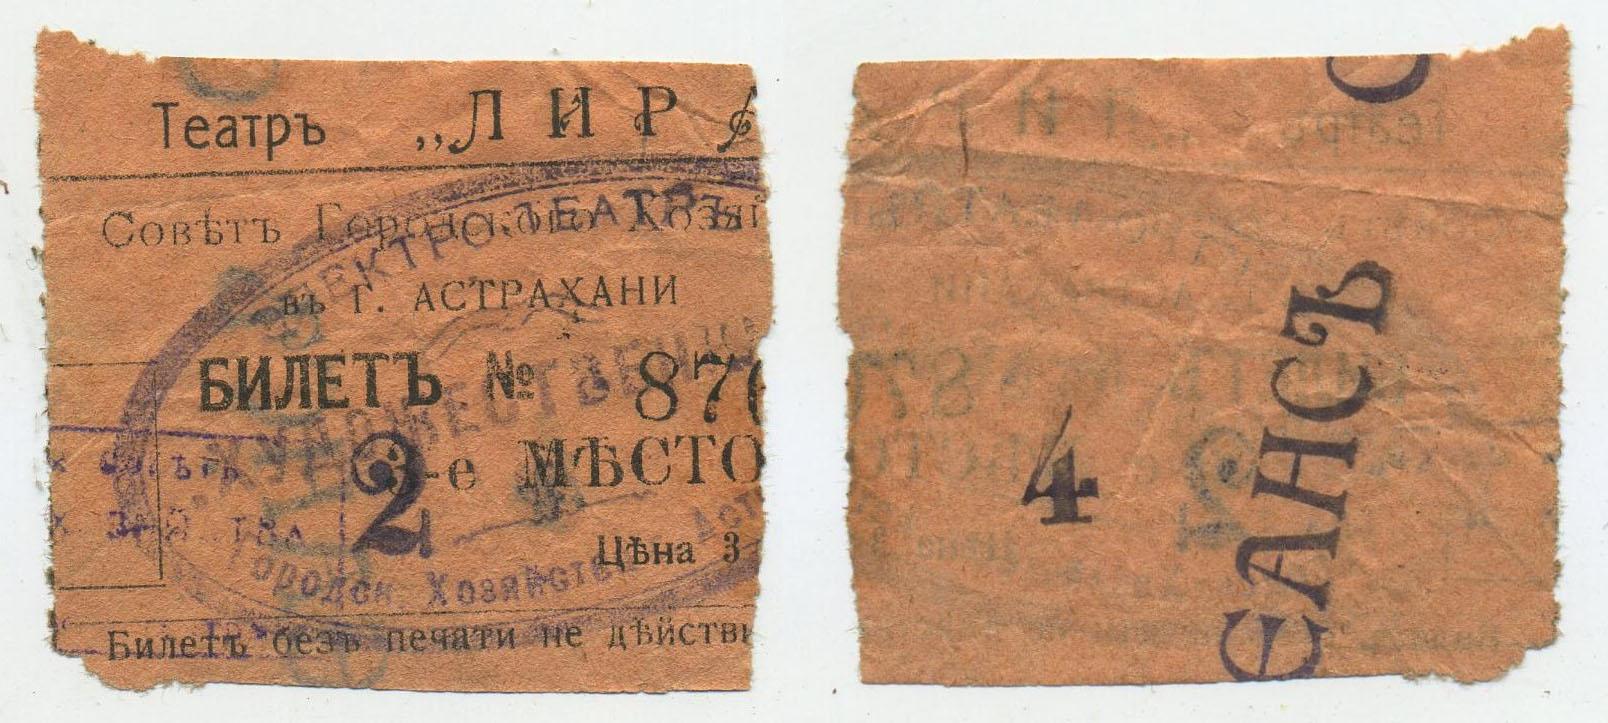 Билет театр Лира. Совет Городского Хозяйства г. Астрахани. 1917 - 1918.